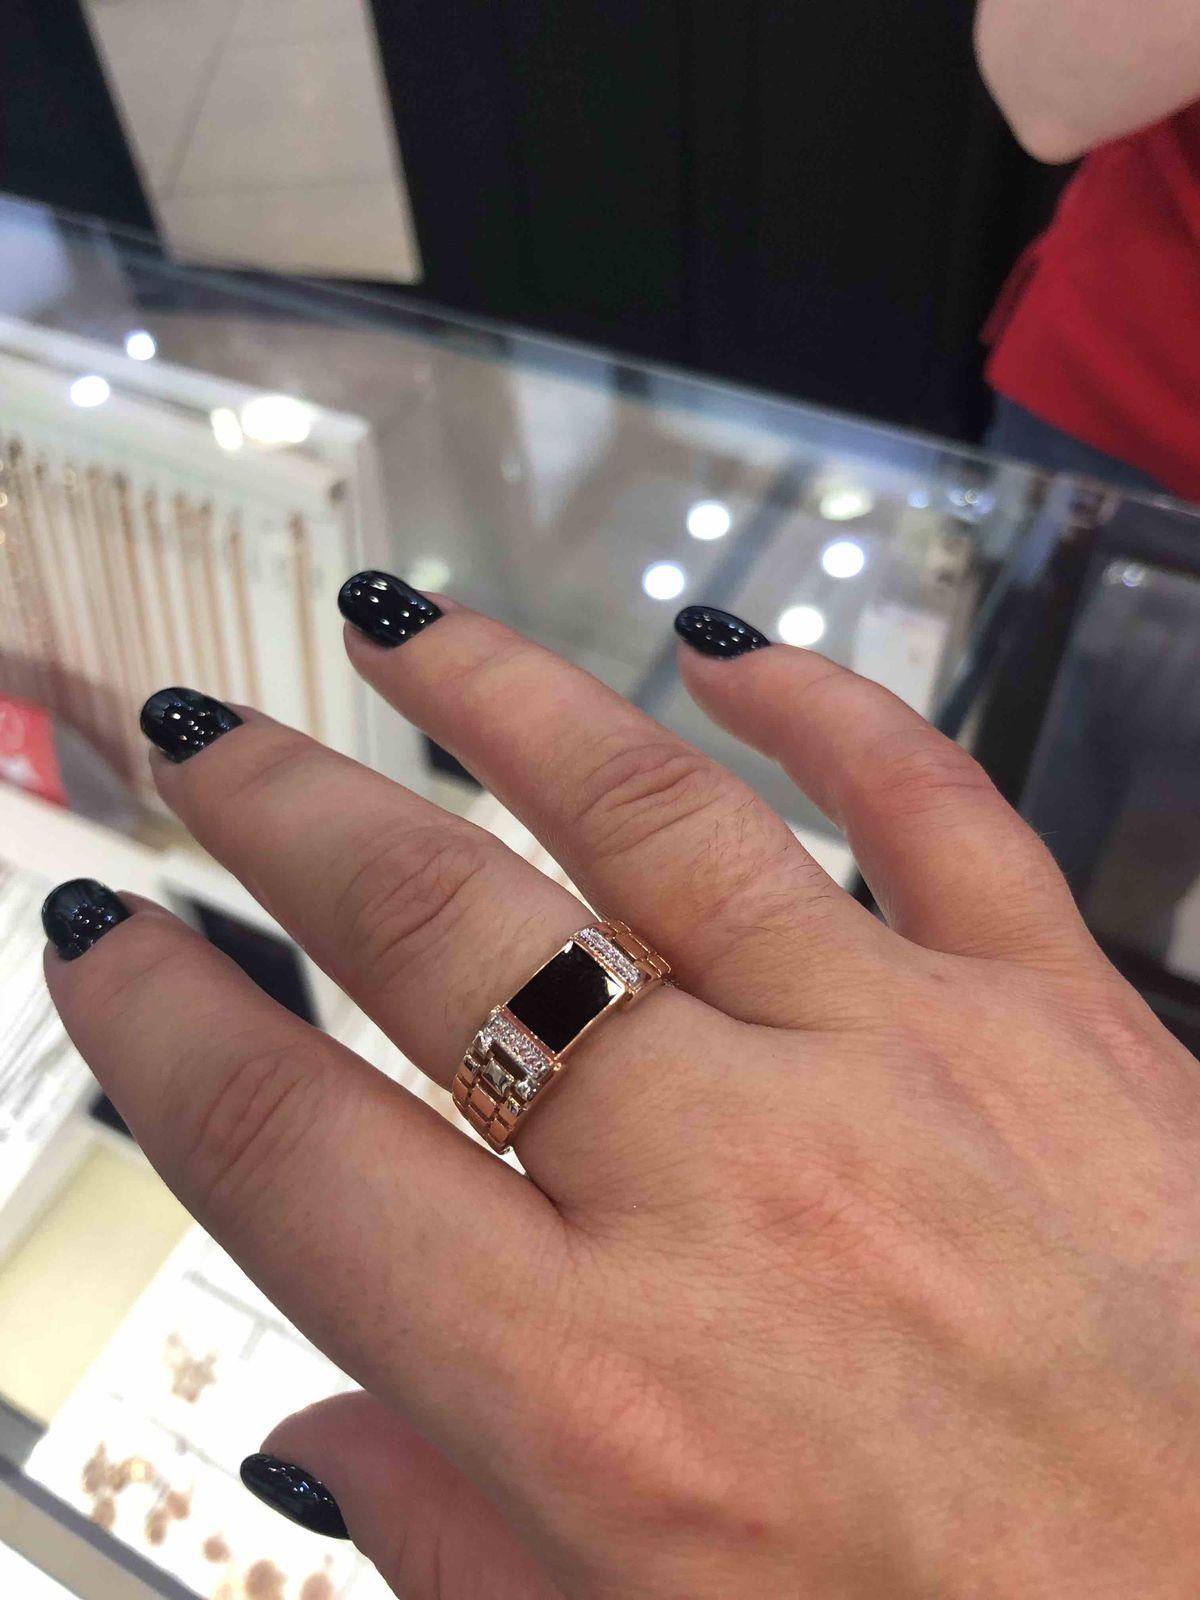 Суперрр кольцо 👌🏻мужу очень поноавилось , покупайте , не пожалеите,👌🏻